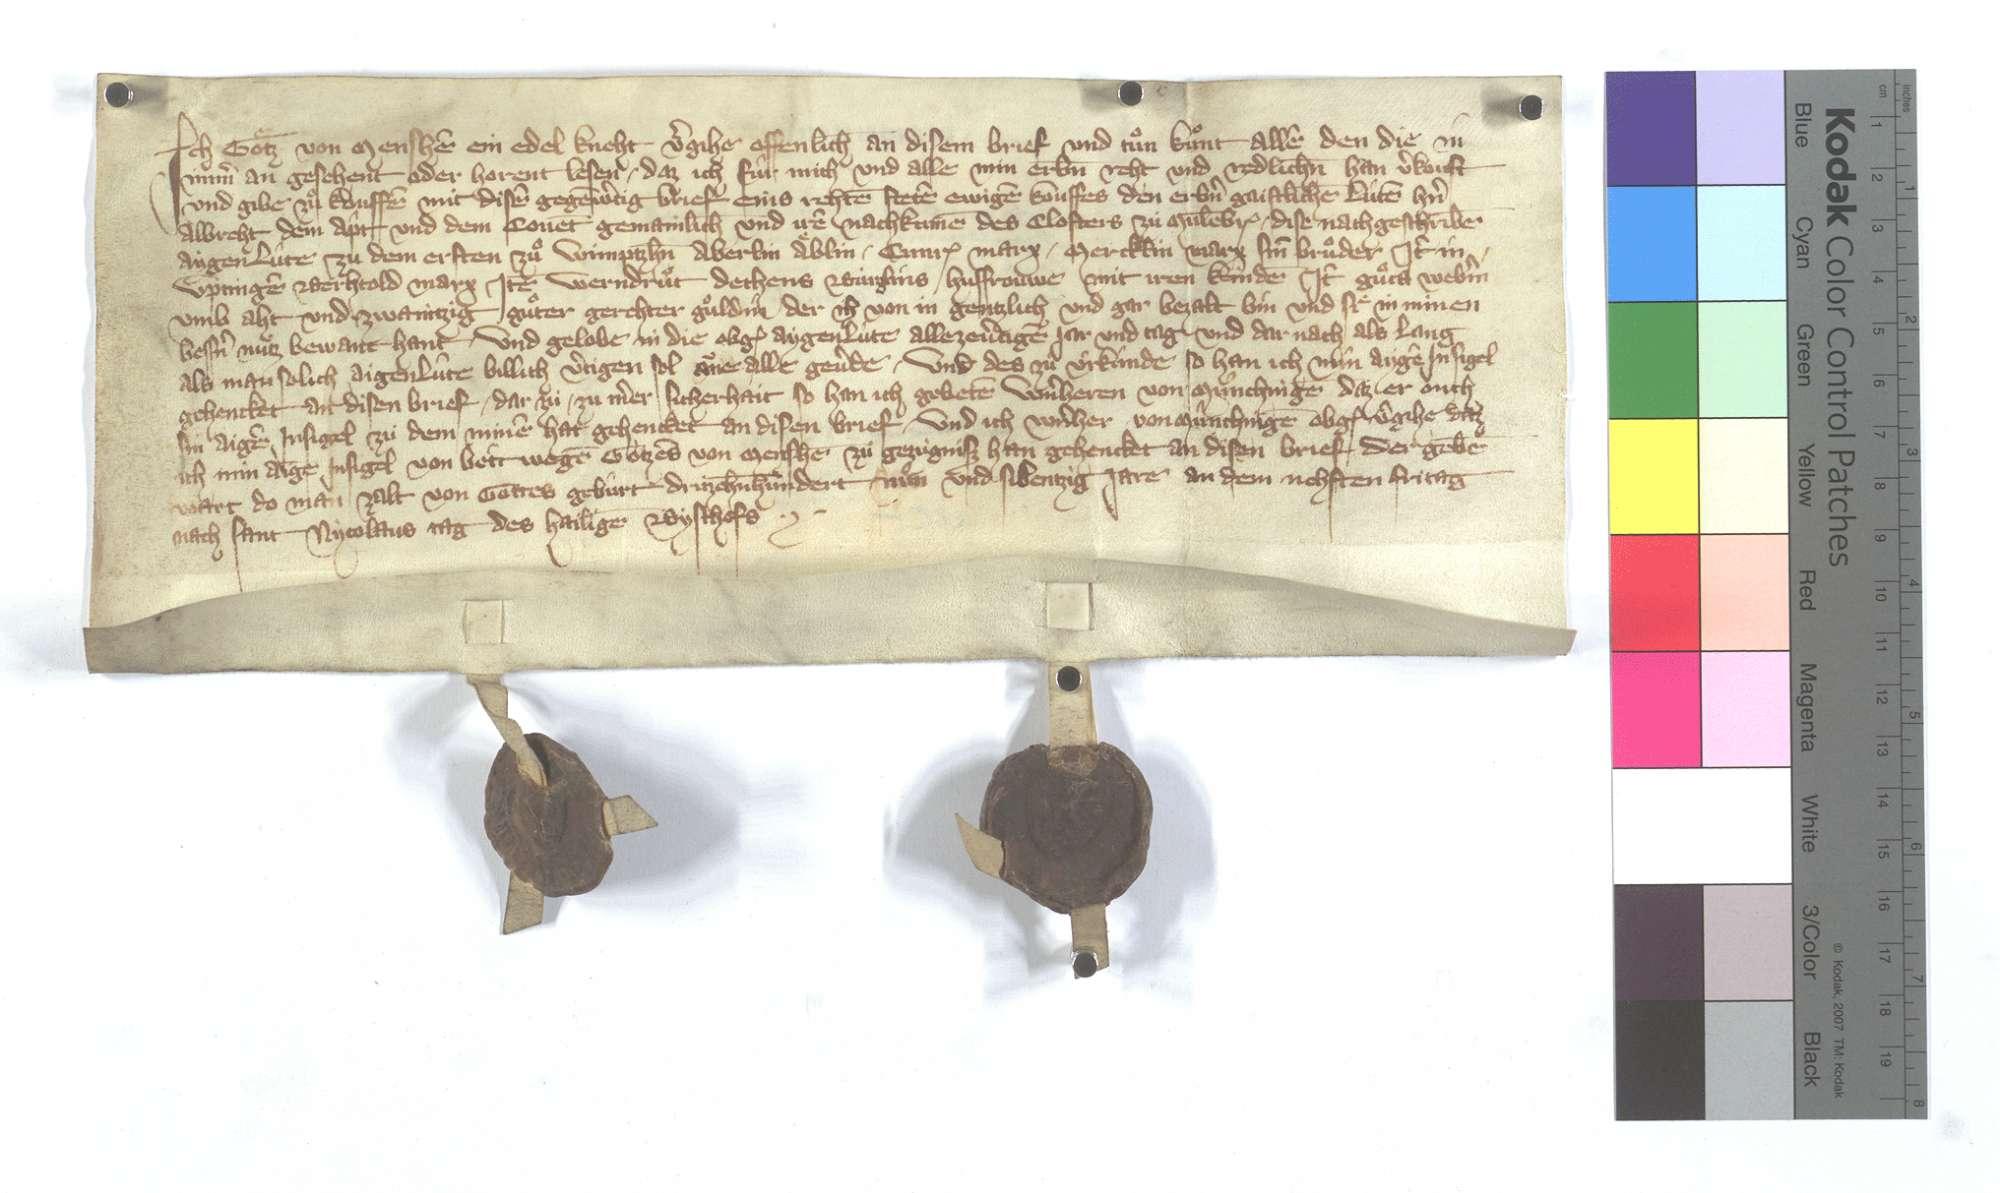 Fertigung des Götz von Mönsheim (Mensheim) um etliche Leibeigene in Iptingen und Wimsheim (Wimbsheim)., Text